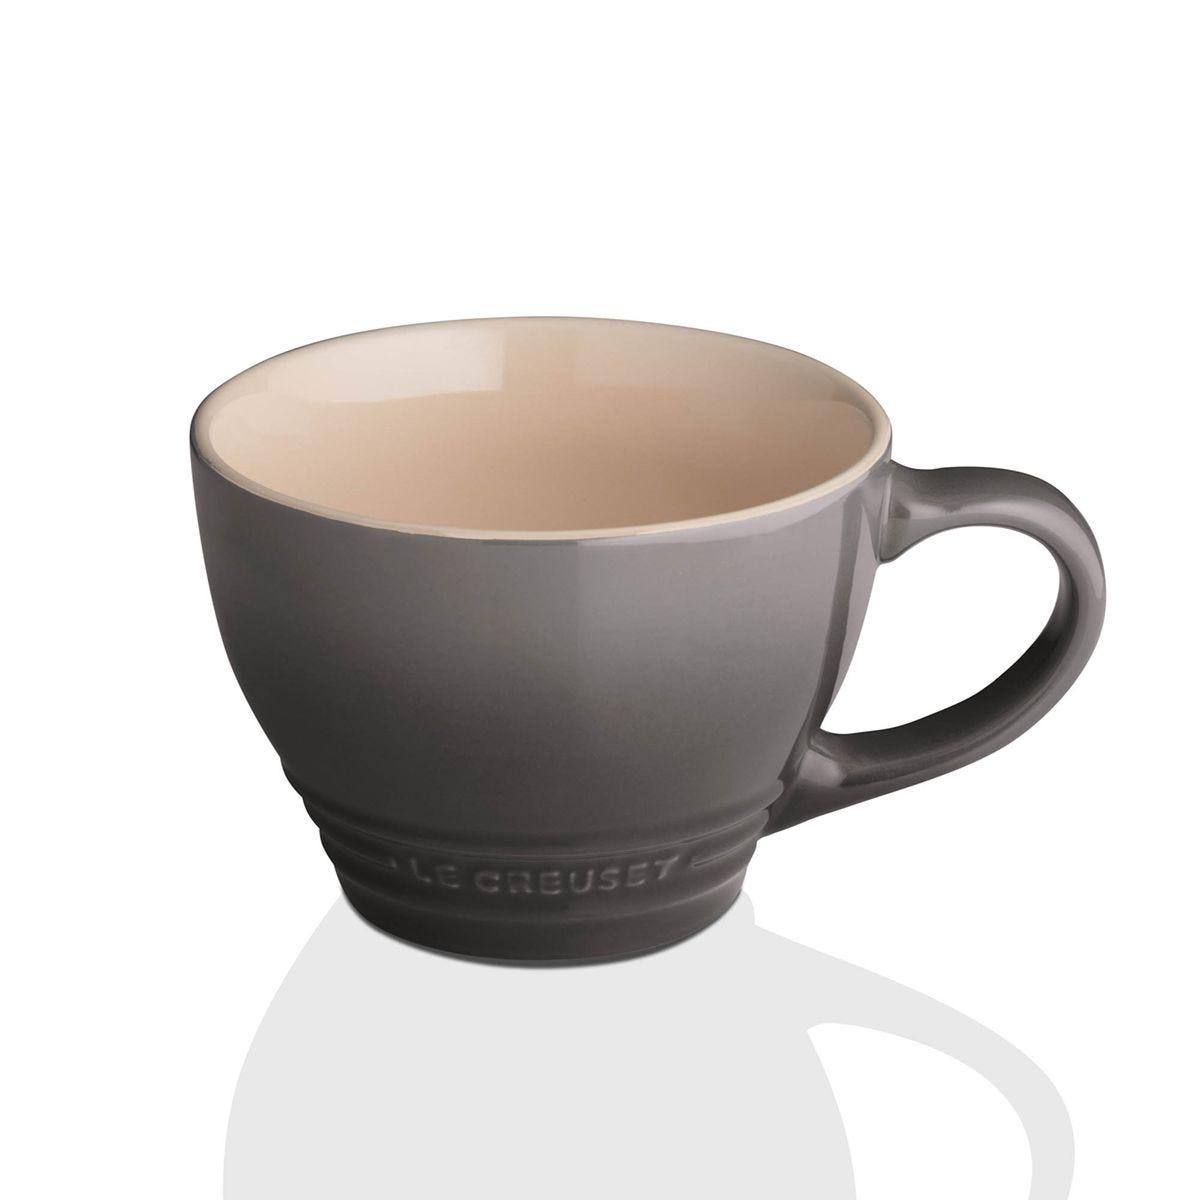 Le Creuset Stoneware Grand Mug 400ml Flint